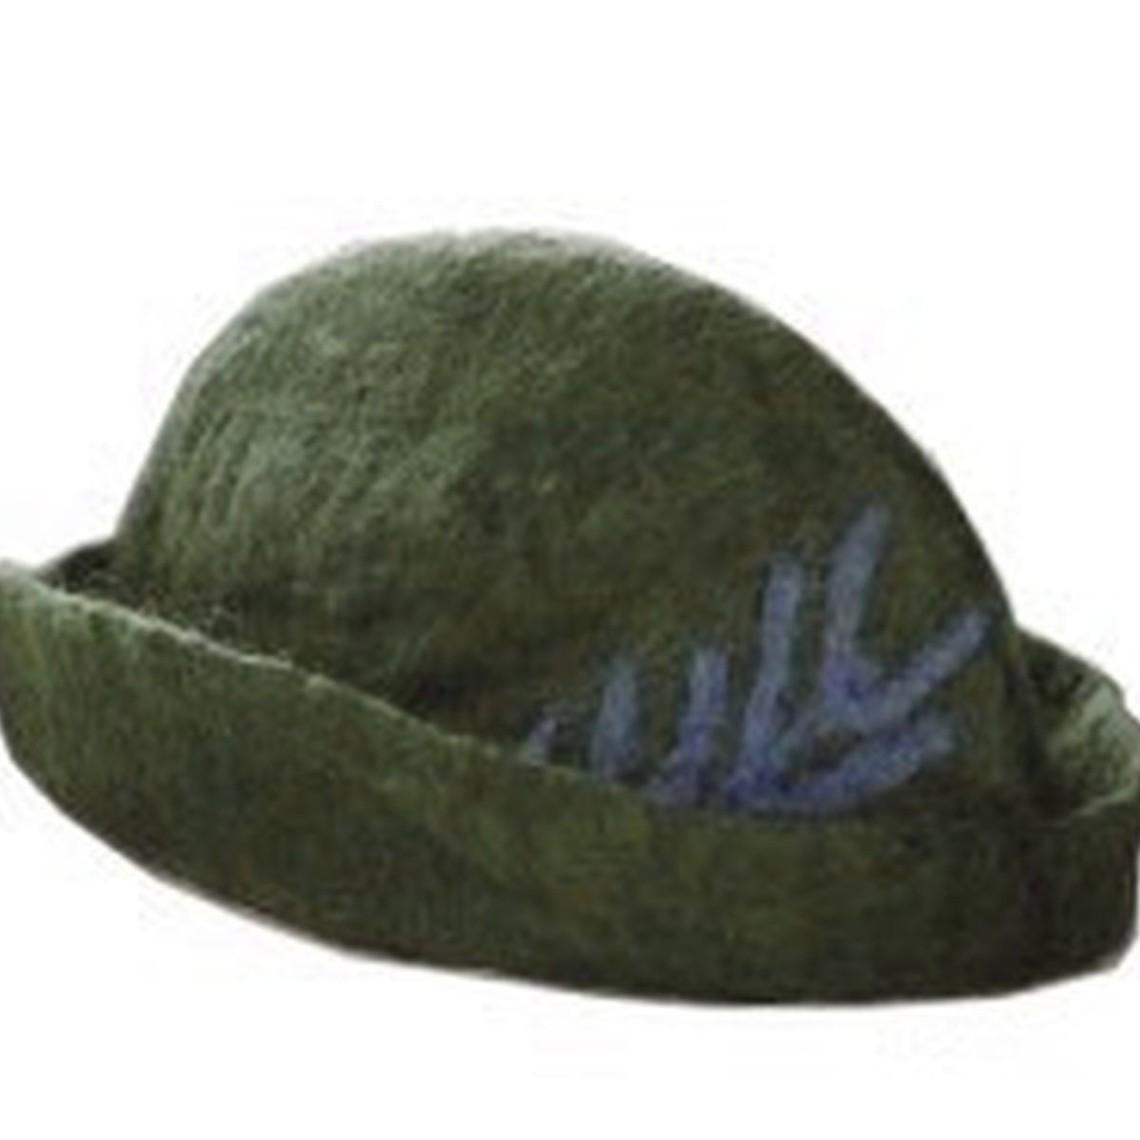 Leonardo Carbone Sombrero con pluma, verde